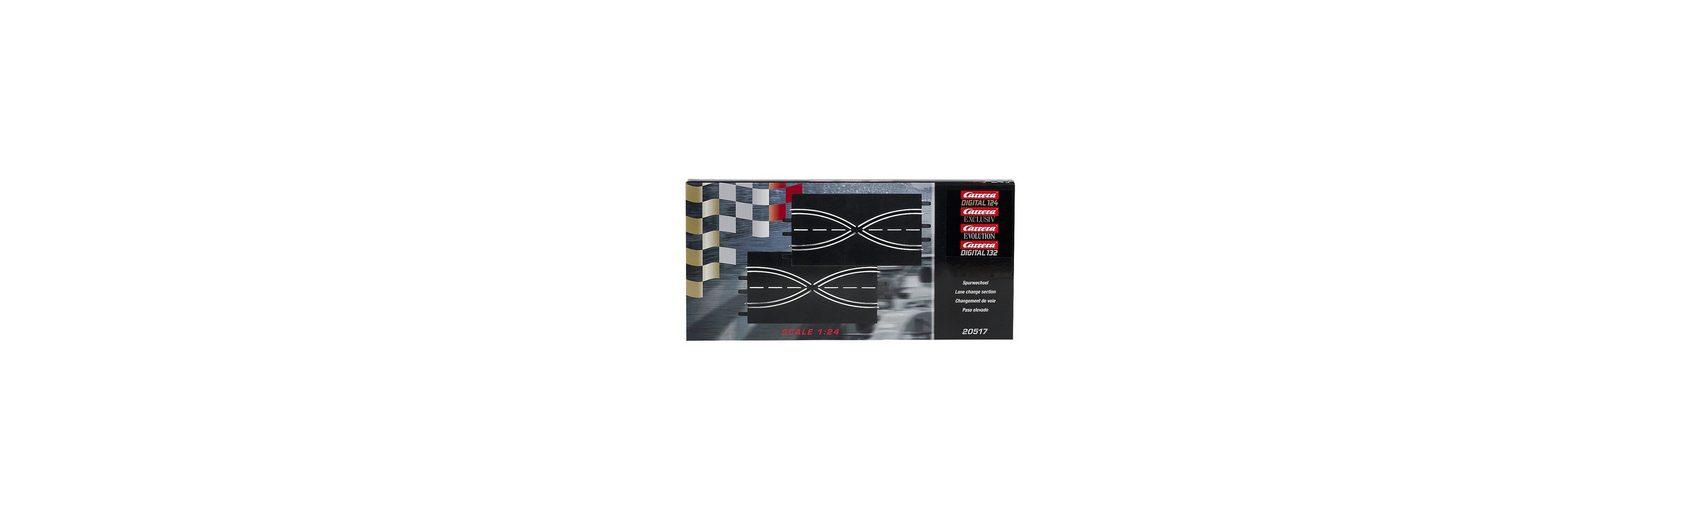 Carrera DIGITAL 124/132/EVOLUTION 20517 Spurwechsel - 2 Stück